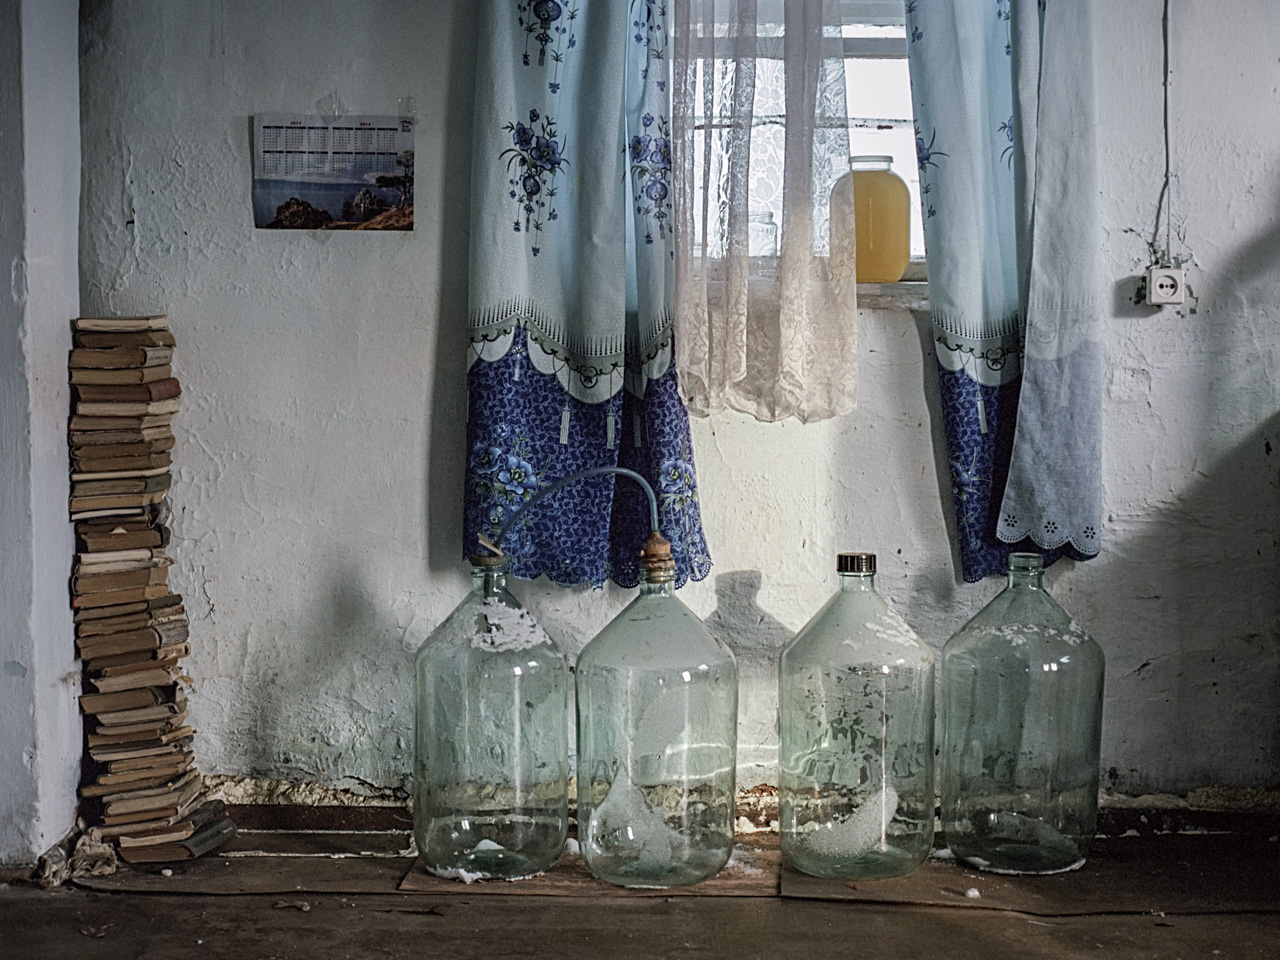 Durante il tempo libero Viktor produce succo di frutta dalle bacche della Siberia e dalla linfa delle betulle